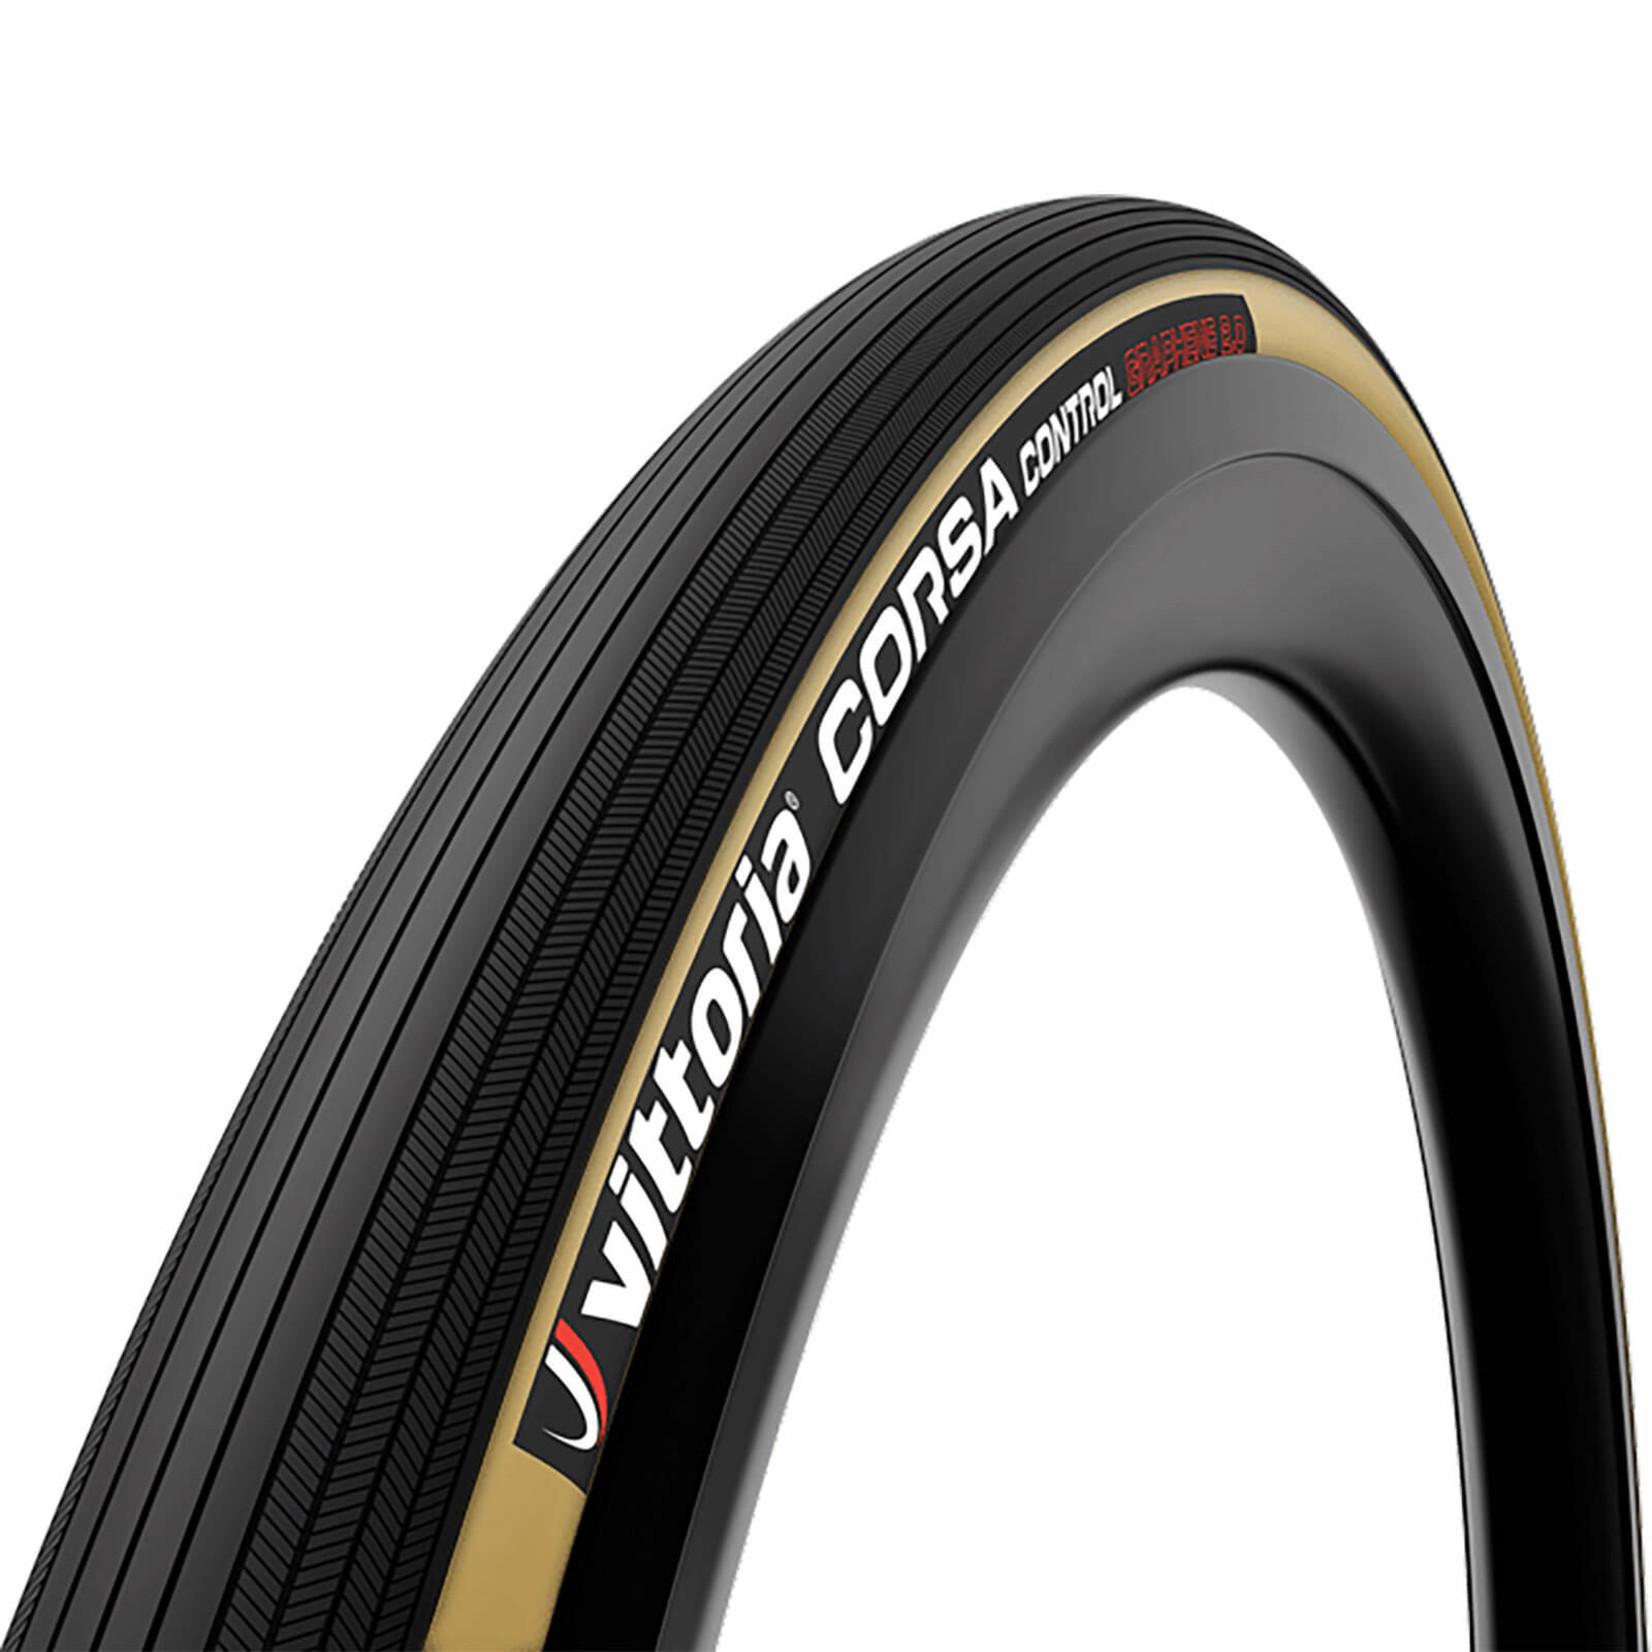 Vittoria Vittoria, Corsa Control Fold Para-Black G2 Tyre